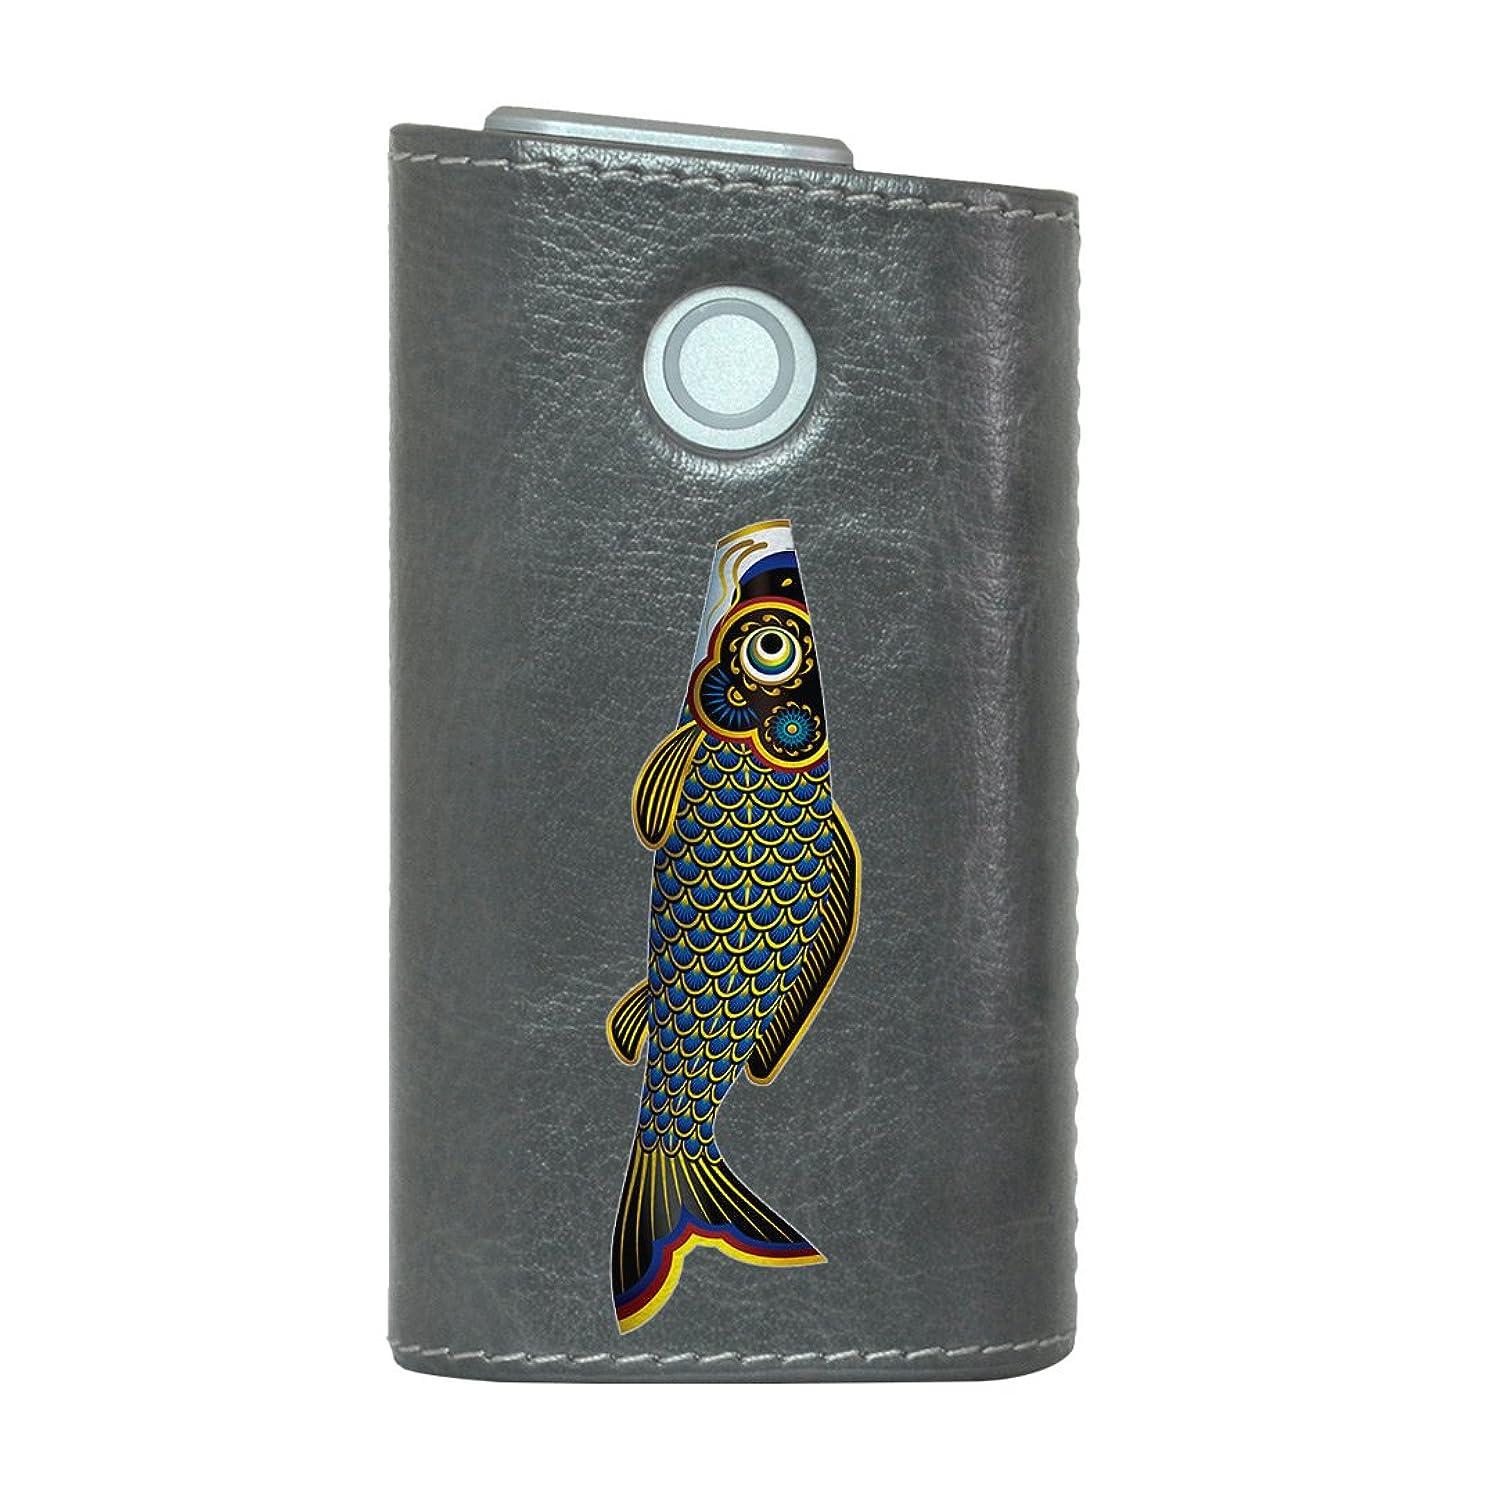 持参一時解雇する密輸glo グロー グロウ 専用 レザーケース レザーカバー タバコ ケース カバー 合皮 ハードケース カバー 収納 デザイン 革 皮 GRAY グレー 鯉 魚 こいのぼり 013188